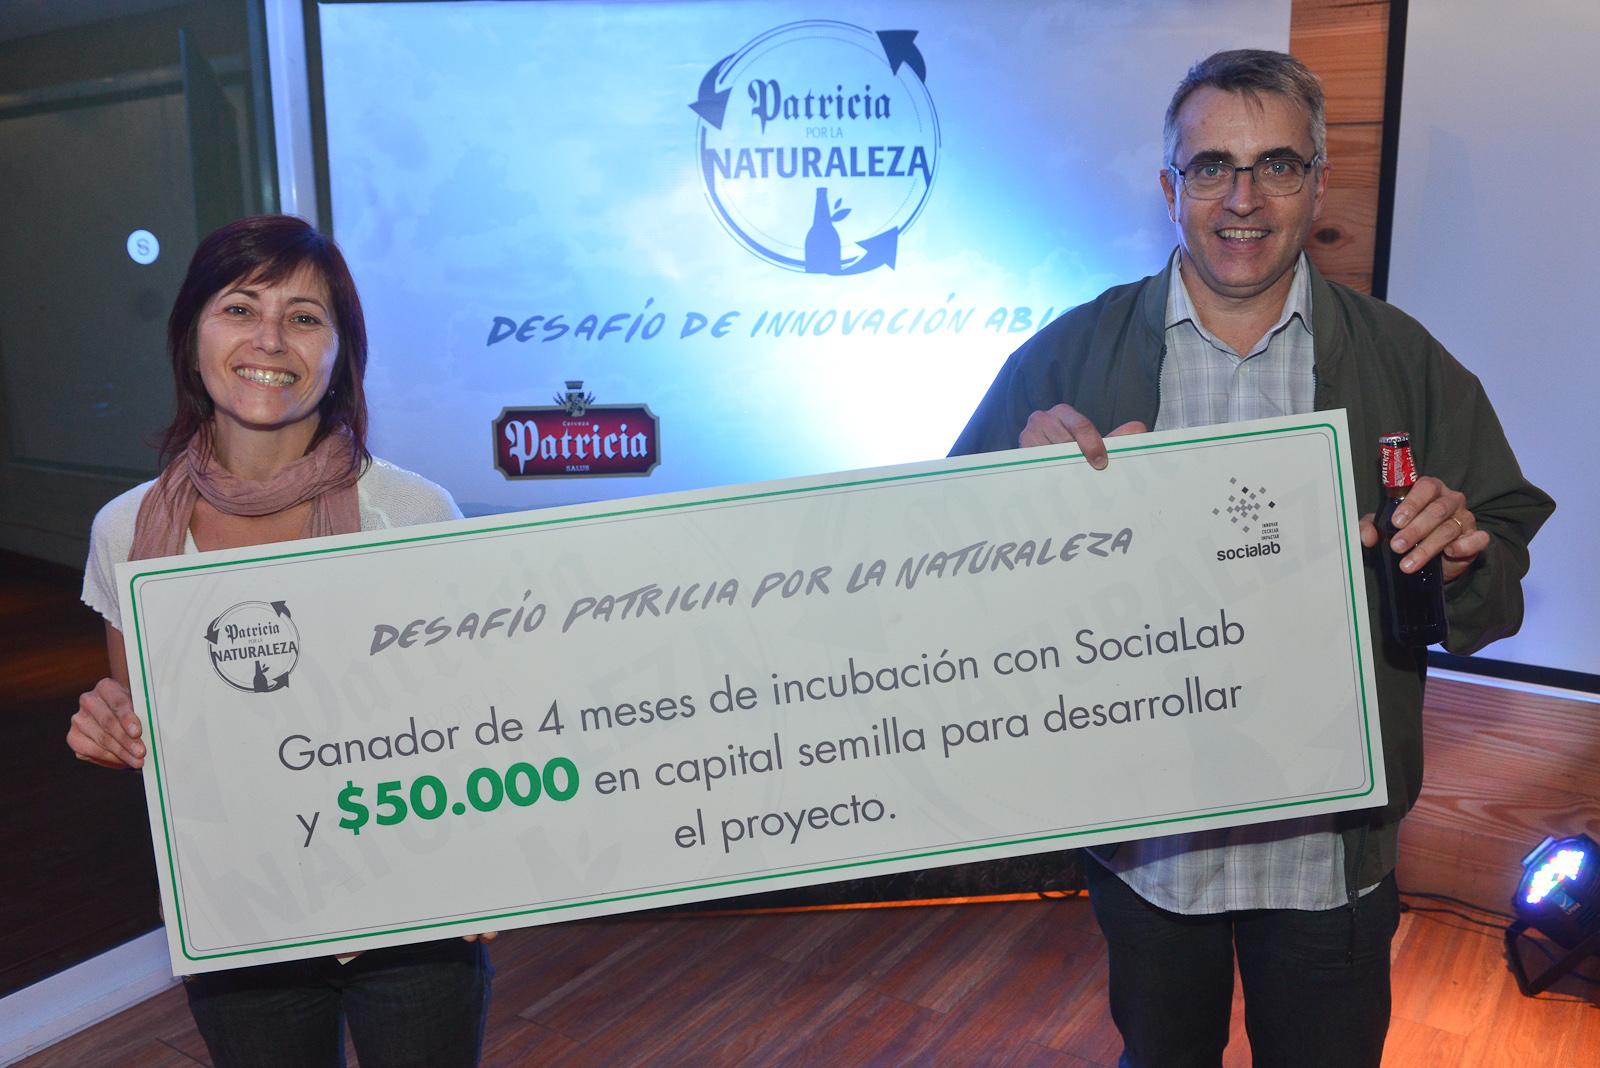 Patricia por la naturaleza - Buscamos ideas que impacten en el medioambiente uruguayo.Estado: finalizado